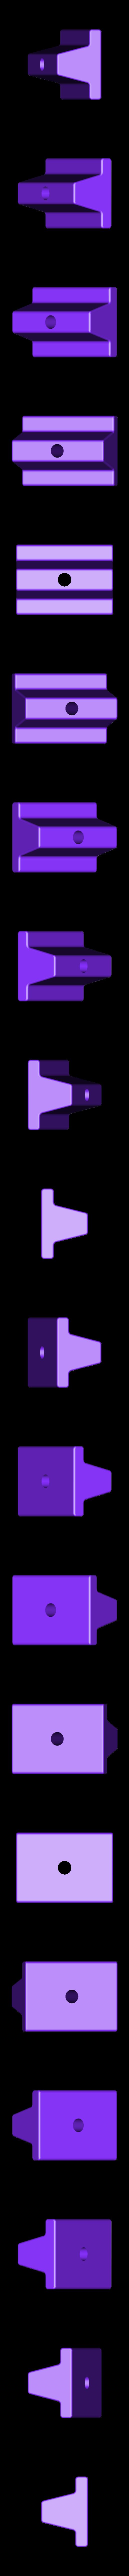 Pinch-ABS.STL Télécharger fichier STL gratuit Outil de ponçage 2 • Objet pour impression 3D, perinski